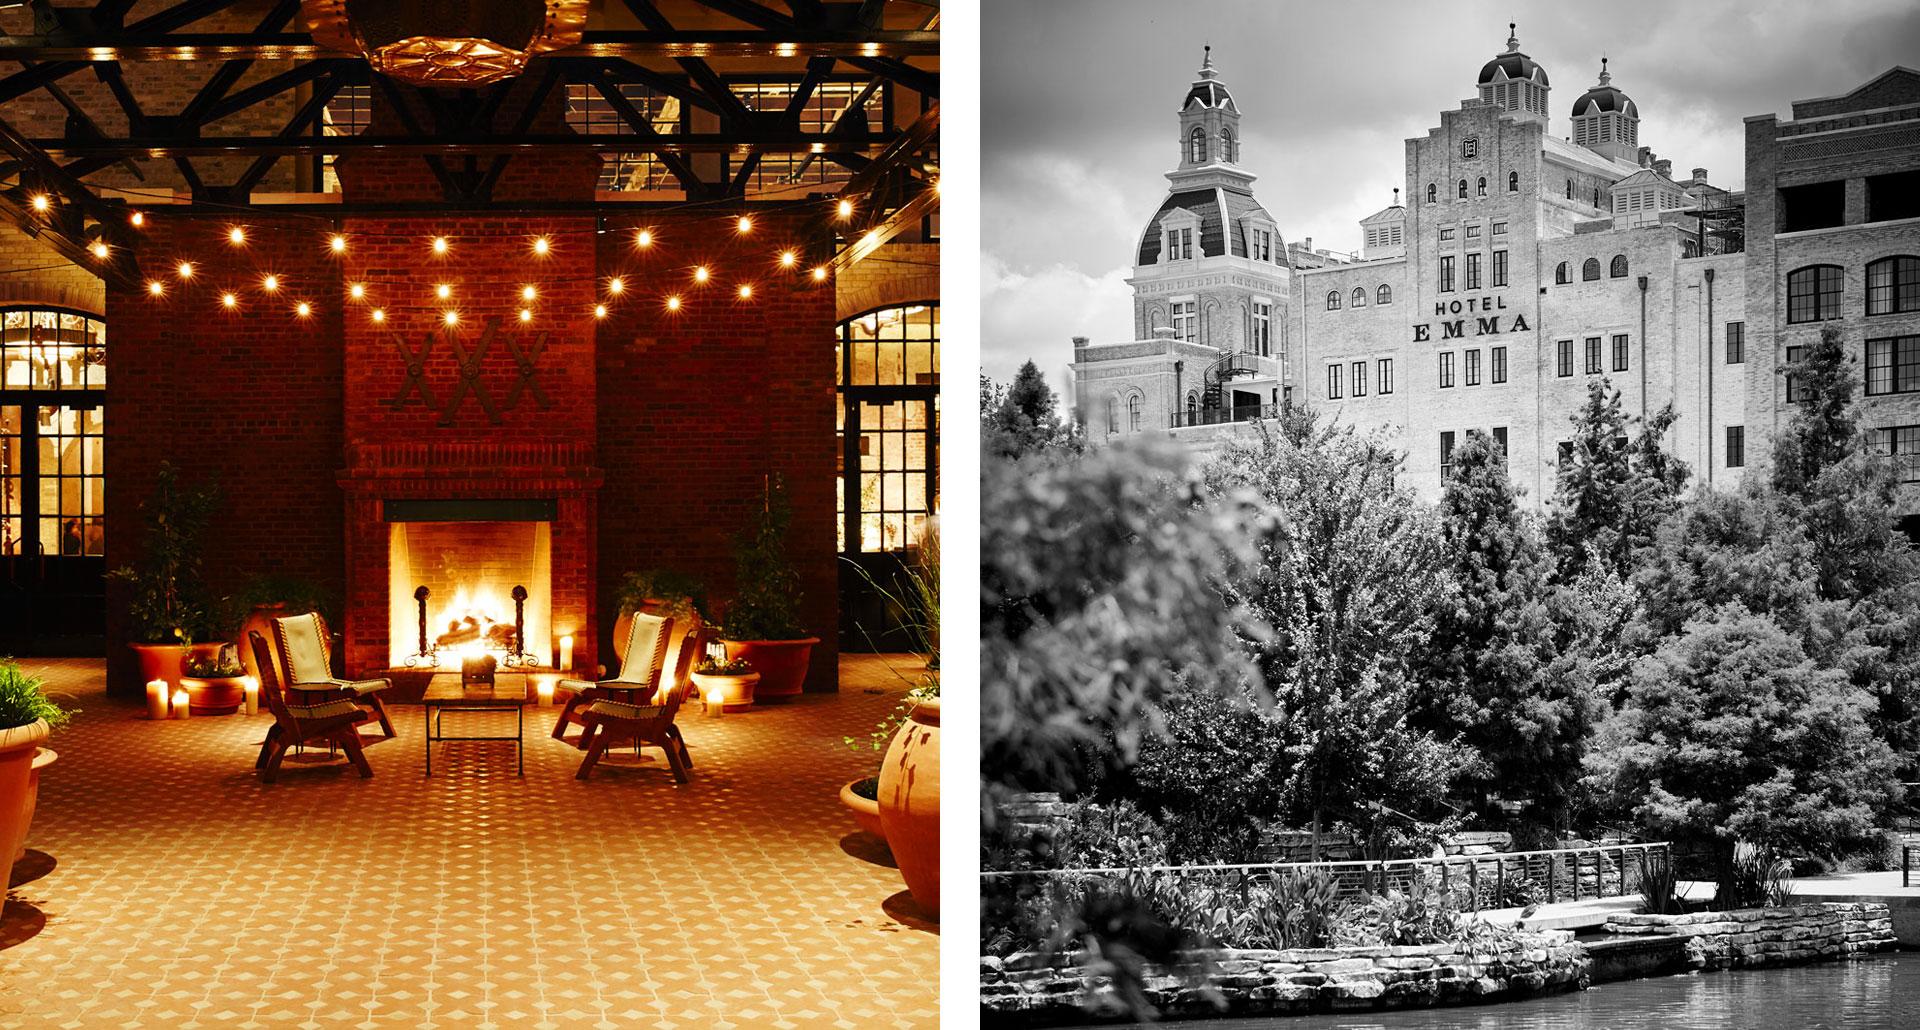 Hotel Emma - budget boutique hotel in San Antonio